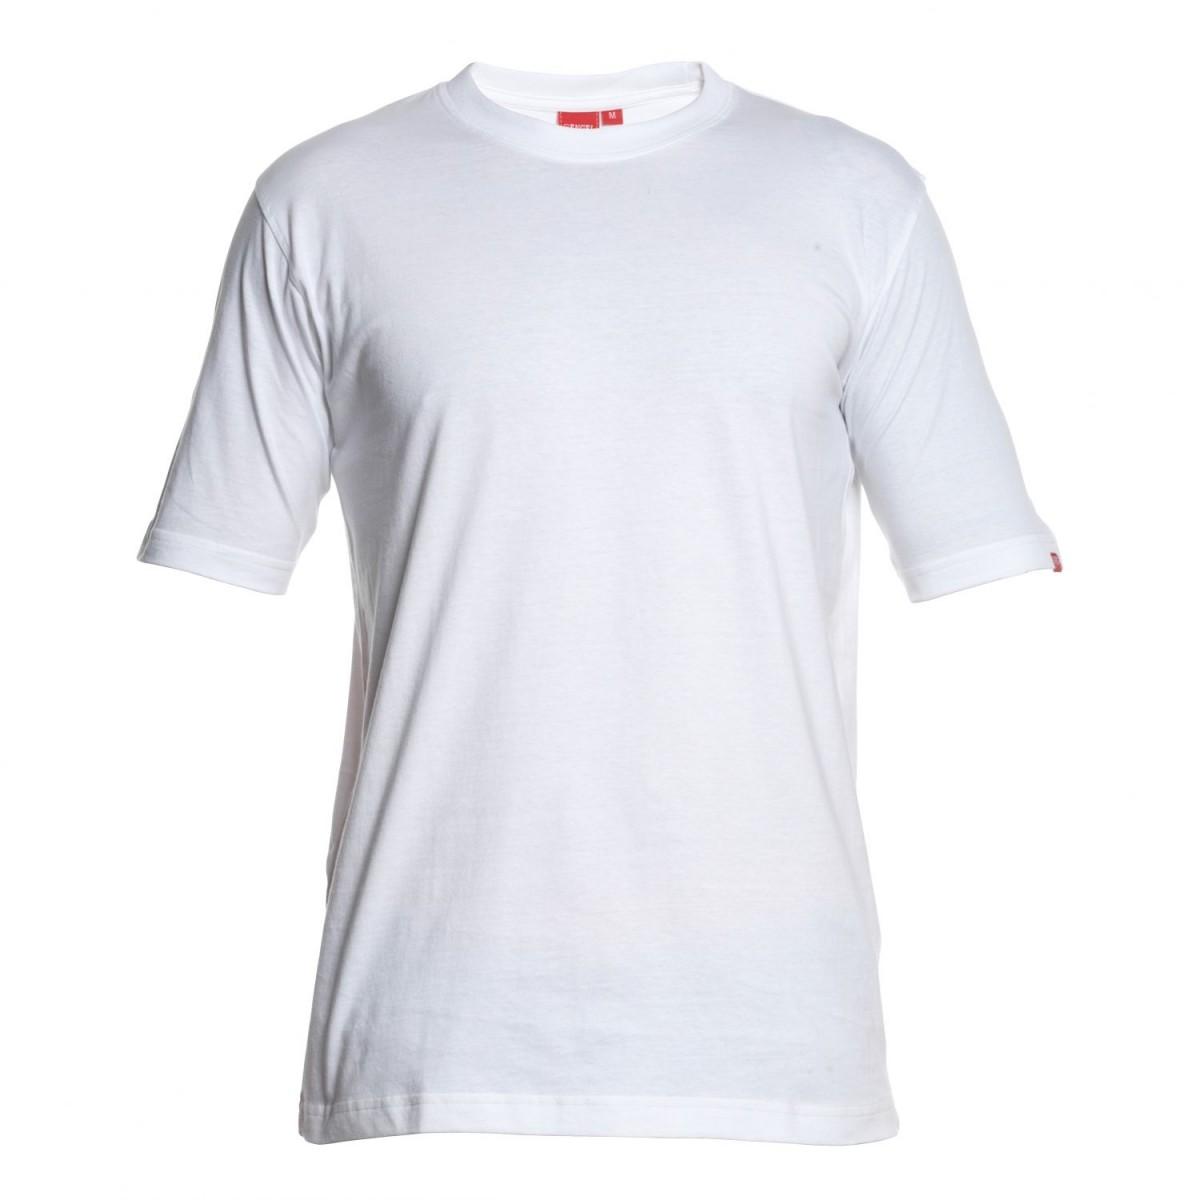 F. Engel Standard T-shirt-36